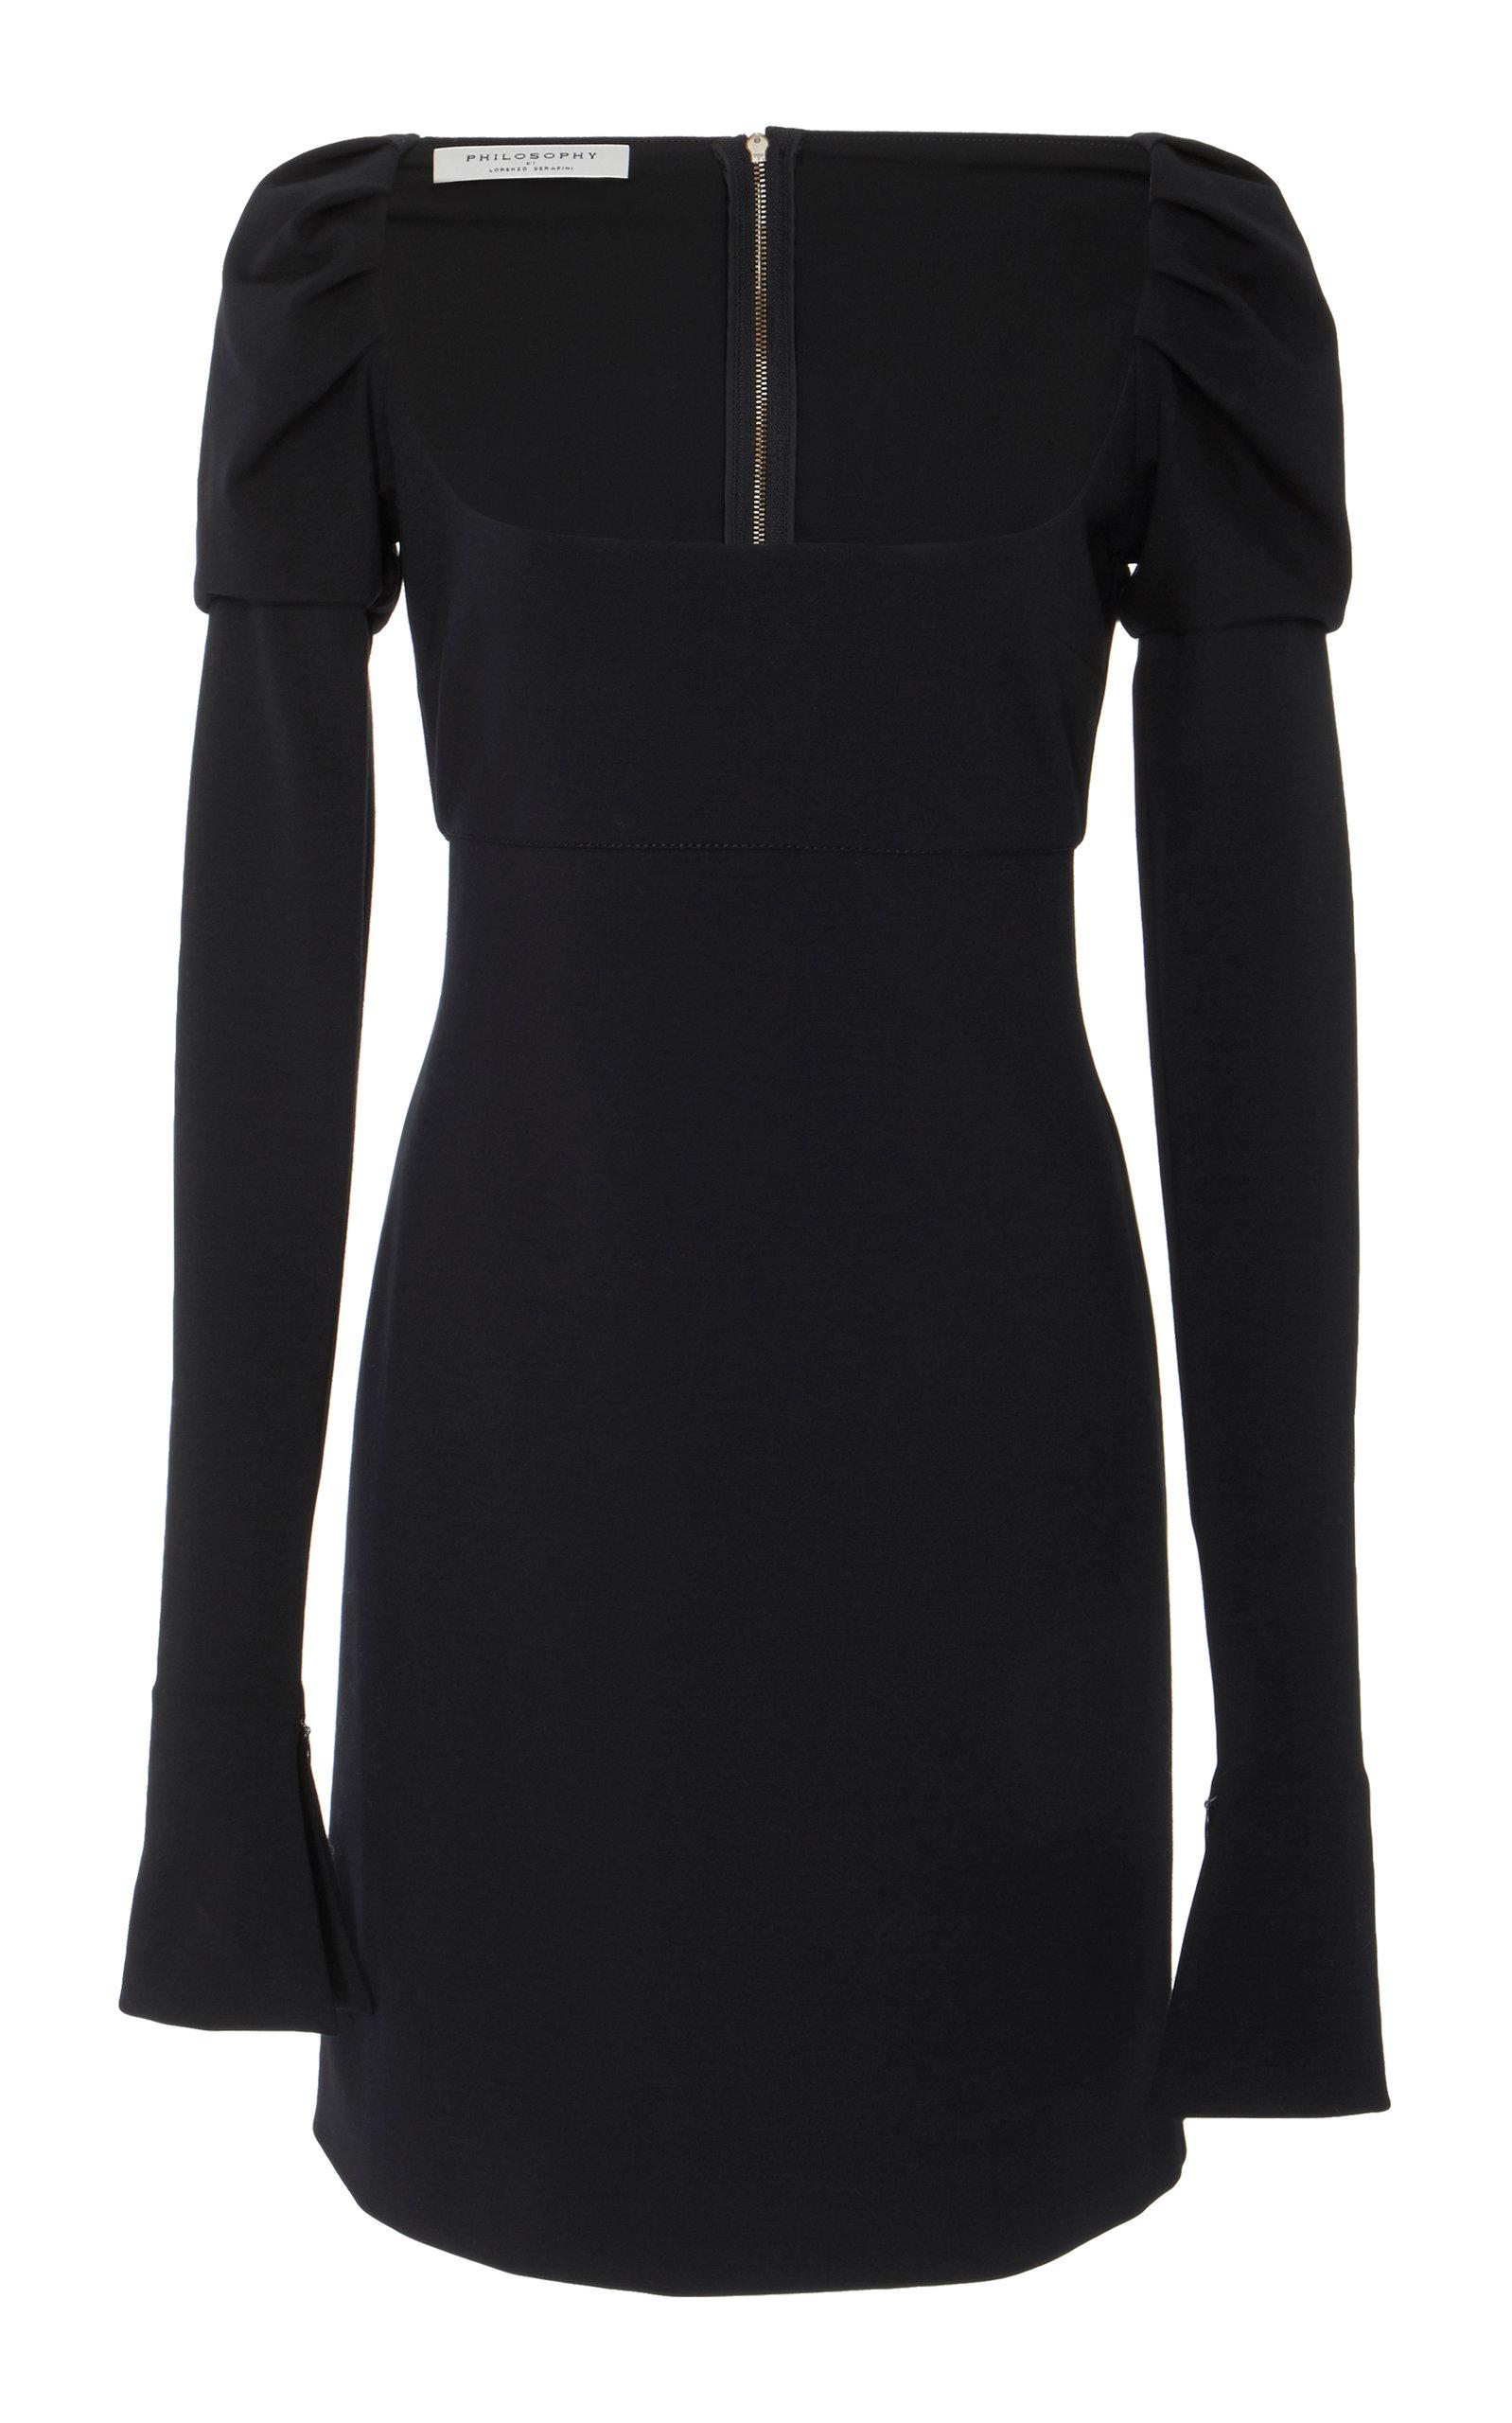 Square Neckline Dress in Black